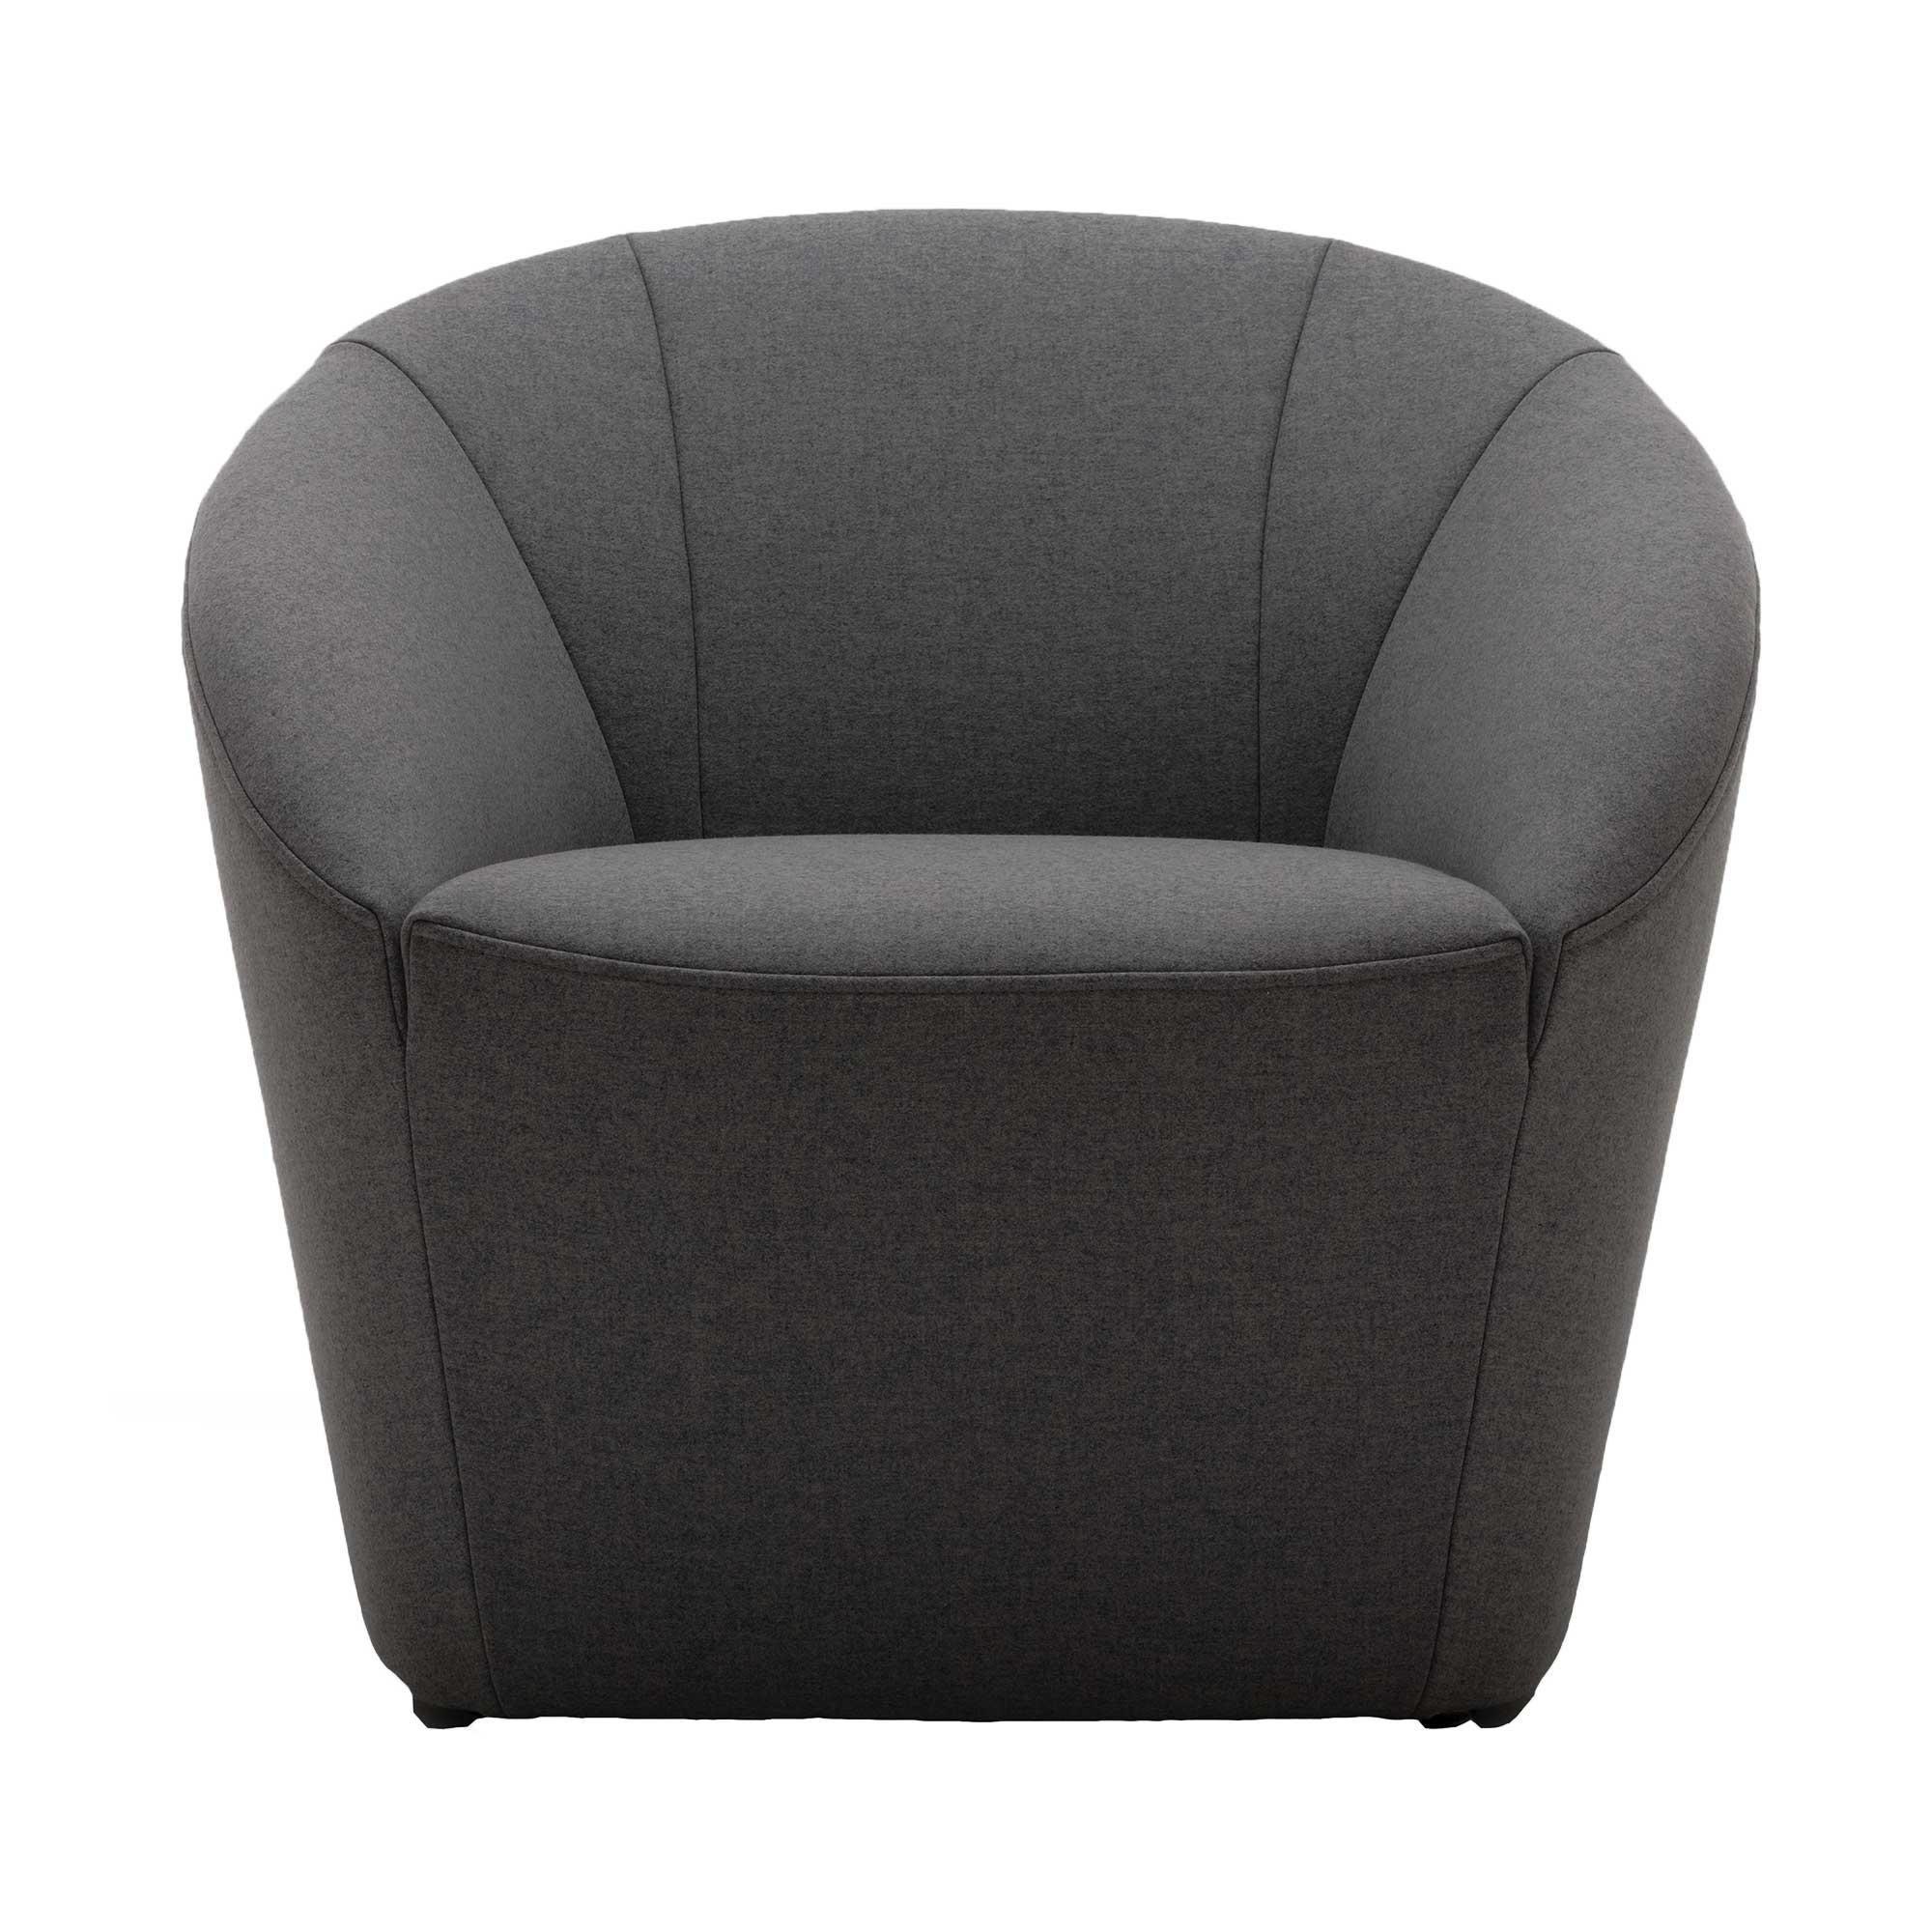 freistil rolf benz freistil 178 fauteuil ambientedirect. Black Bedroom Furniture Sets. Home Design Ideas